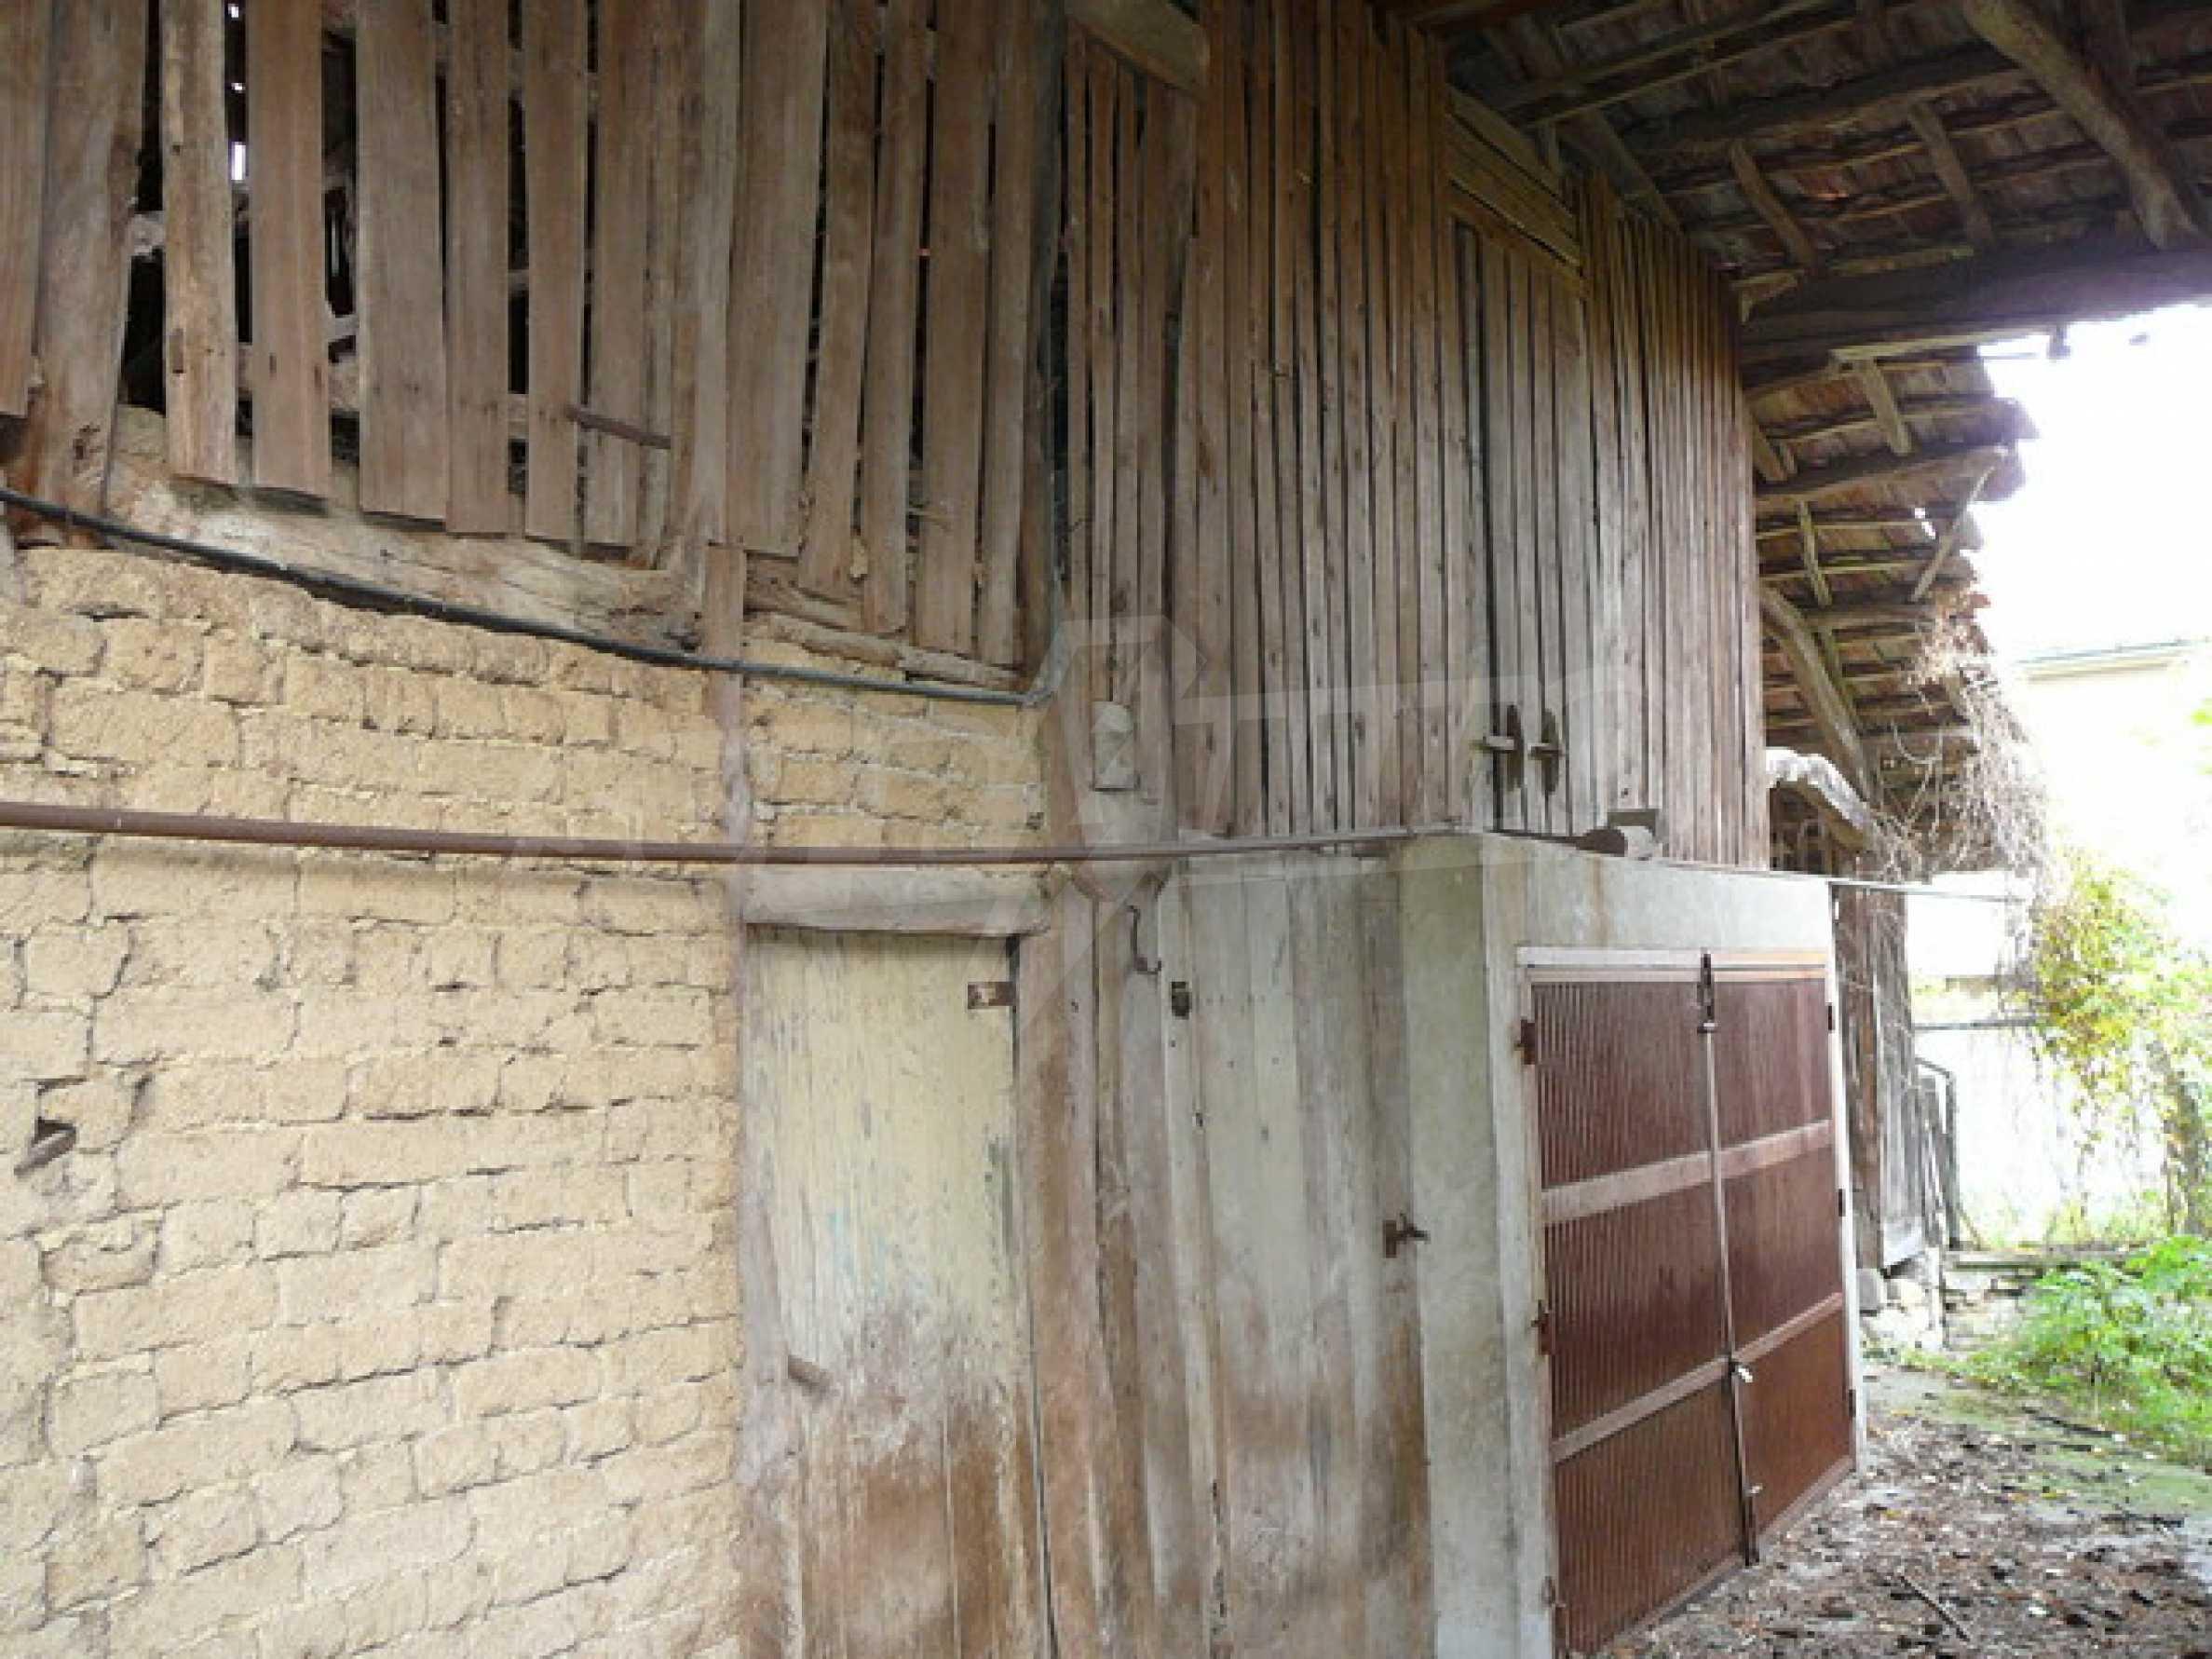 Къща за продажба близо до гр. Велико Търново 24